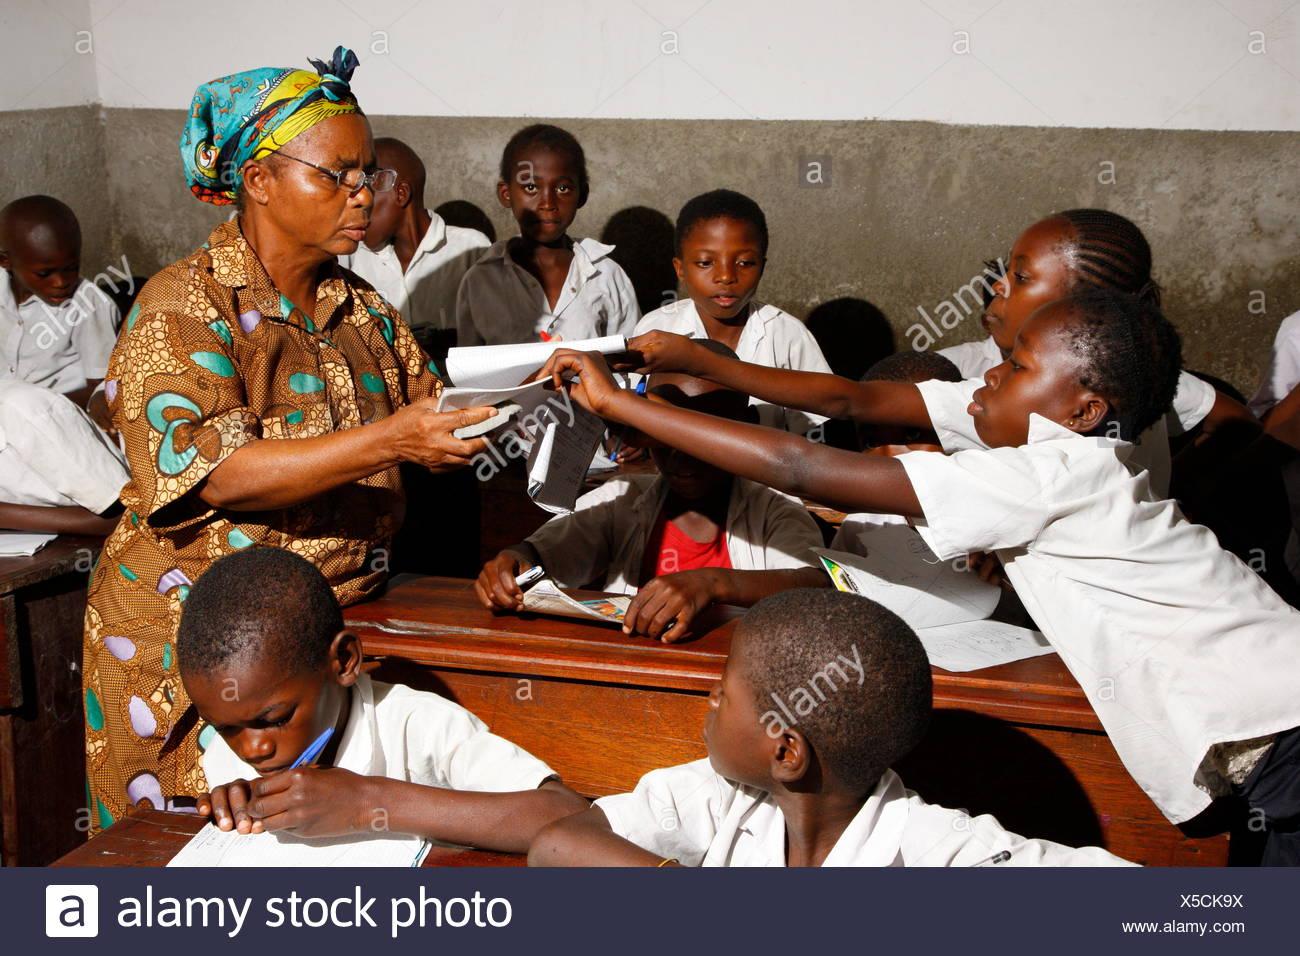 Insegnante di scuola e i bambini in uniforme scolastica durante la classe, Kinshasa, Repubblica Democratica del Congo Immagini Stock